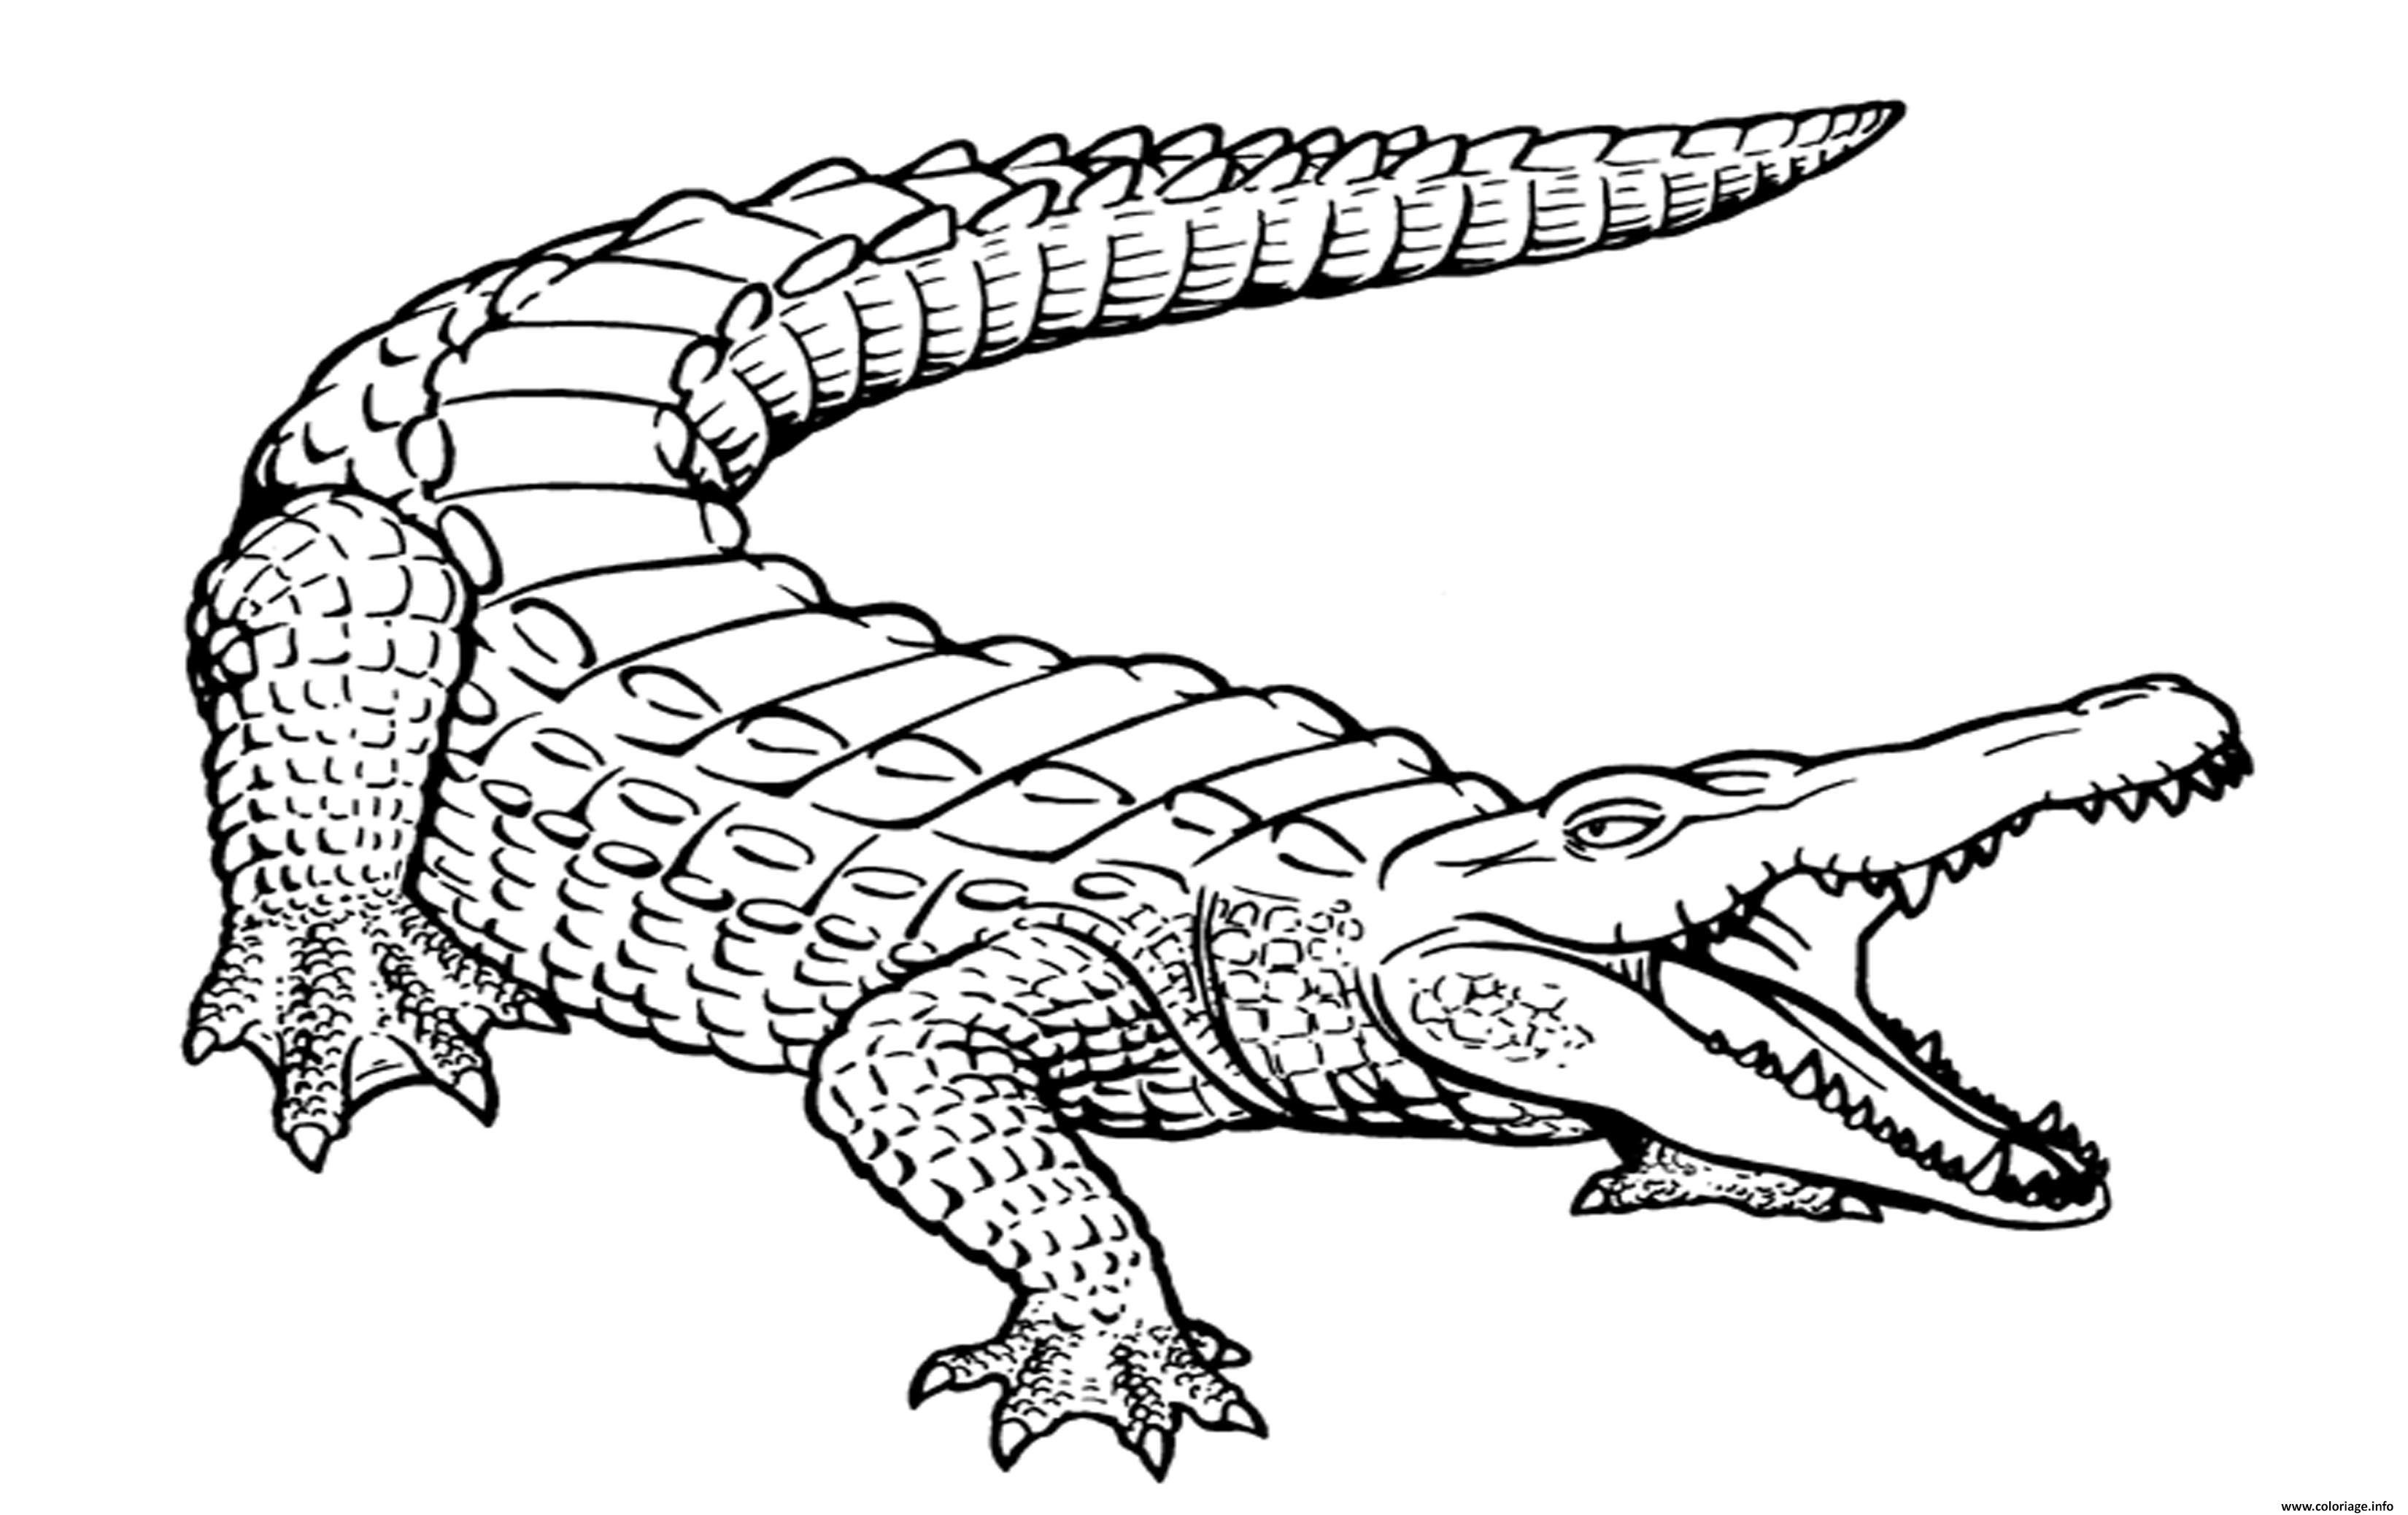 Coloriage Crocodile Marin Realiste Avec La Bouche Ouverte